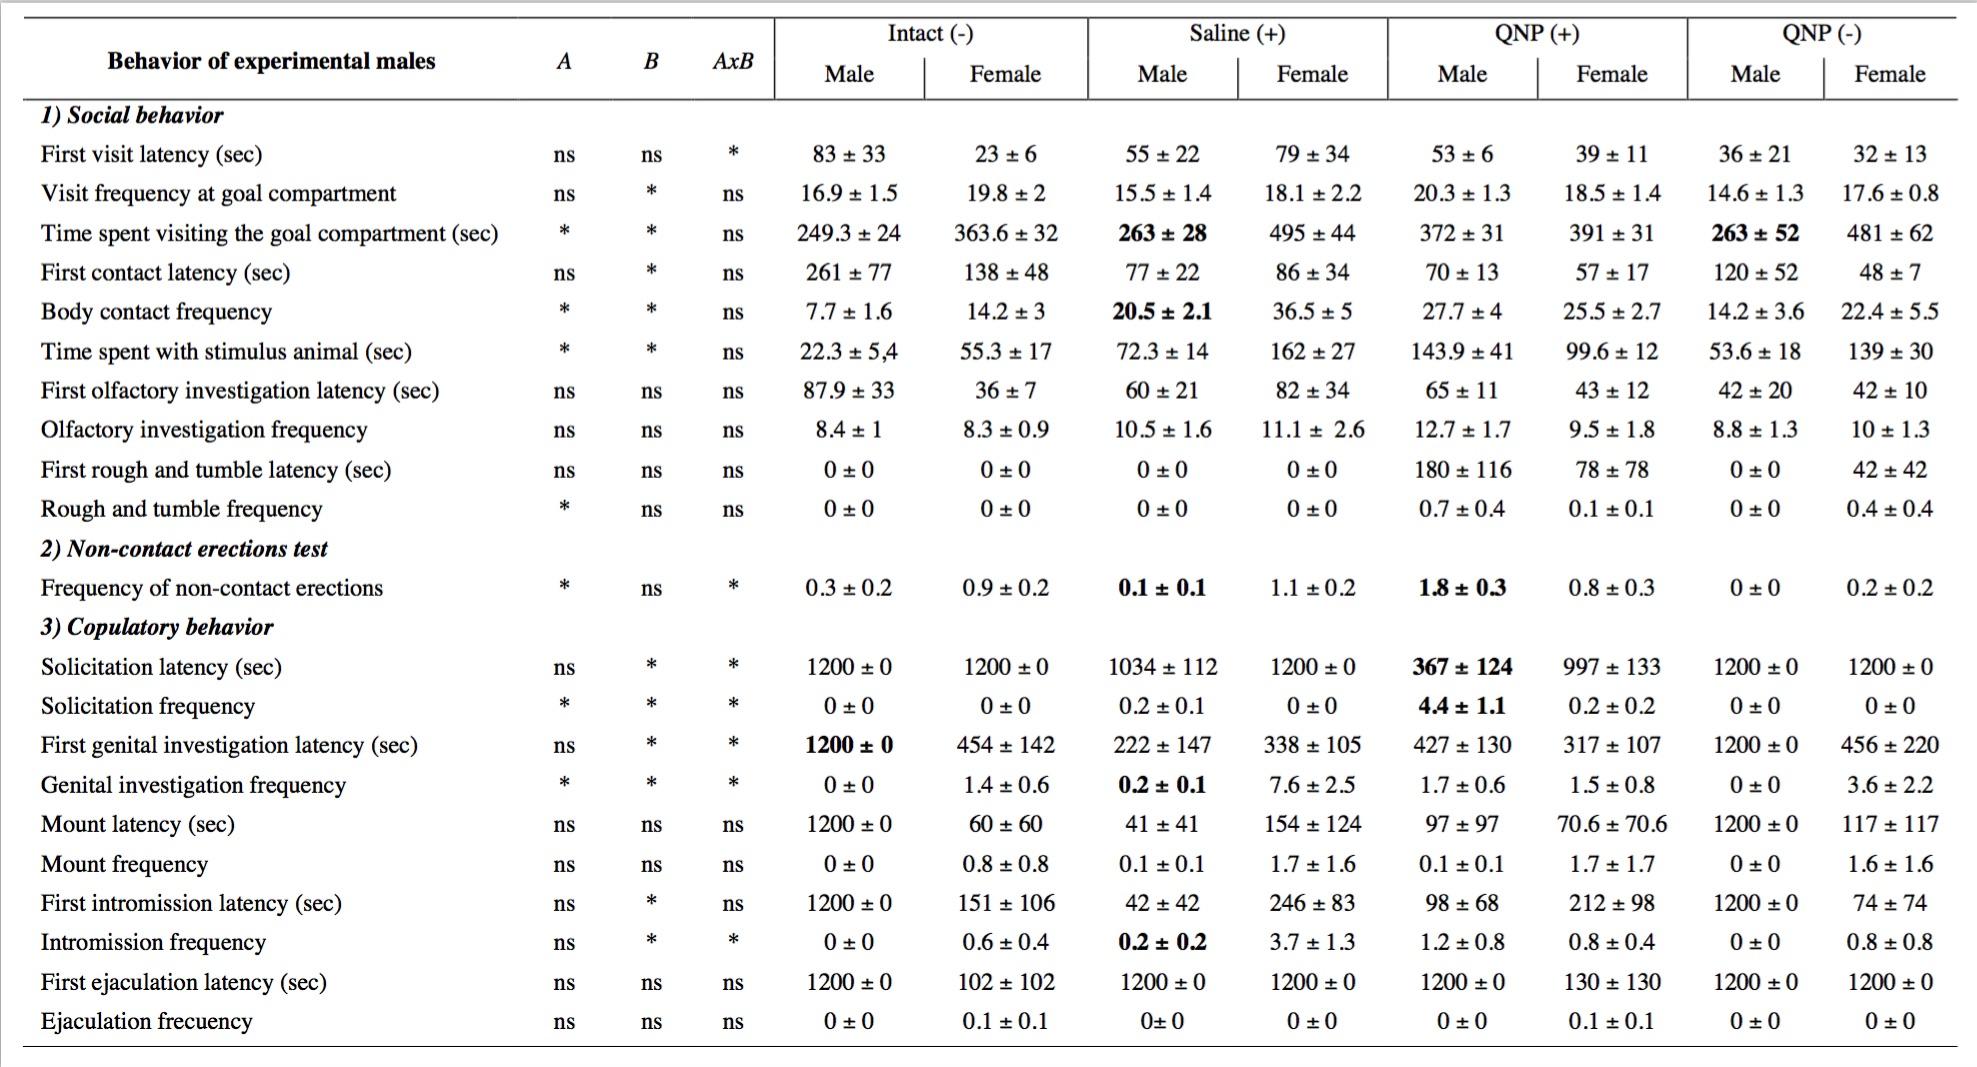 Apomorphine homosexuality statistics